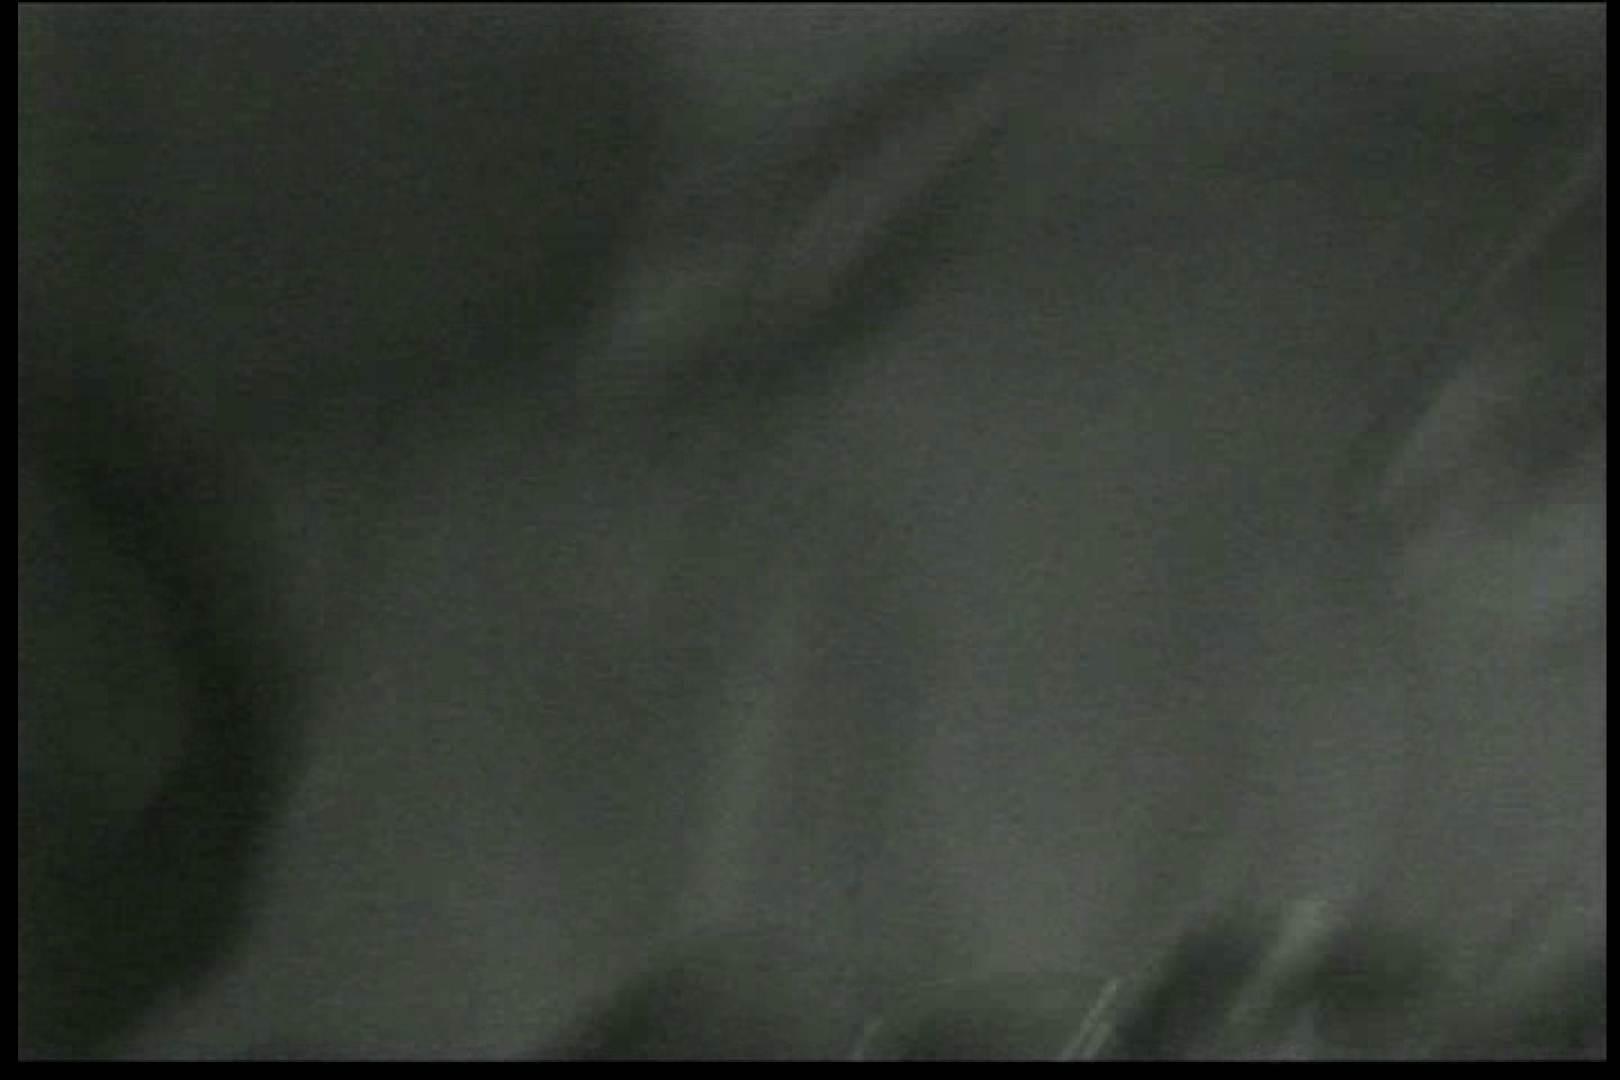 車の中はラブホテル 無修正版  Vol.12 美しいOLの裸体 盗み撮り動画キャプチャ 87pic 82